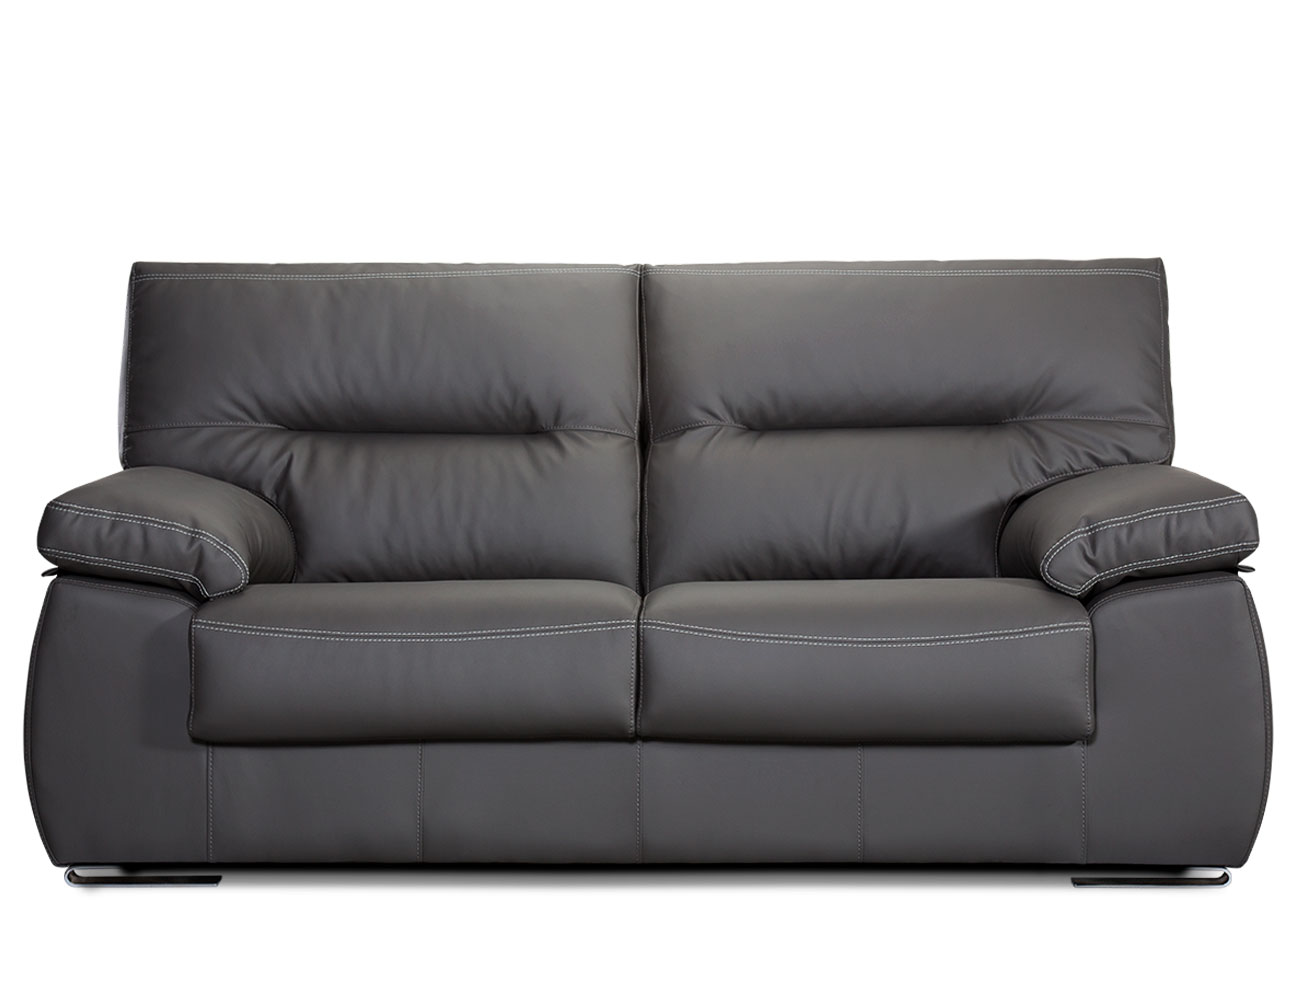 Sofa 3 plazas piel polipiel negro 21